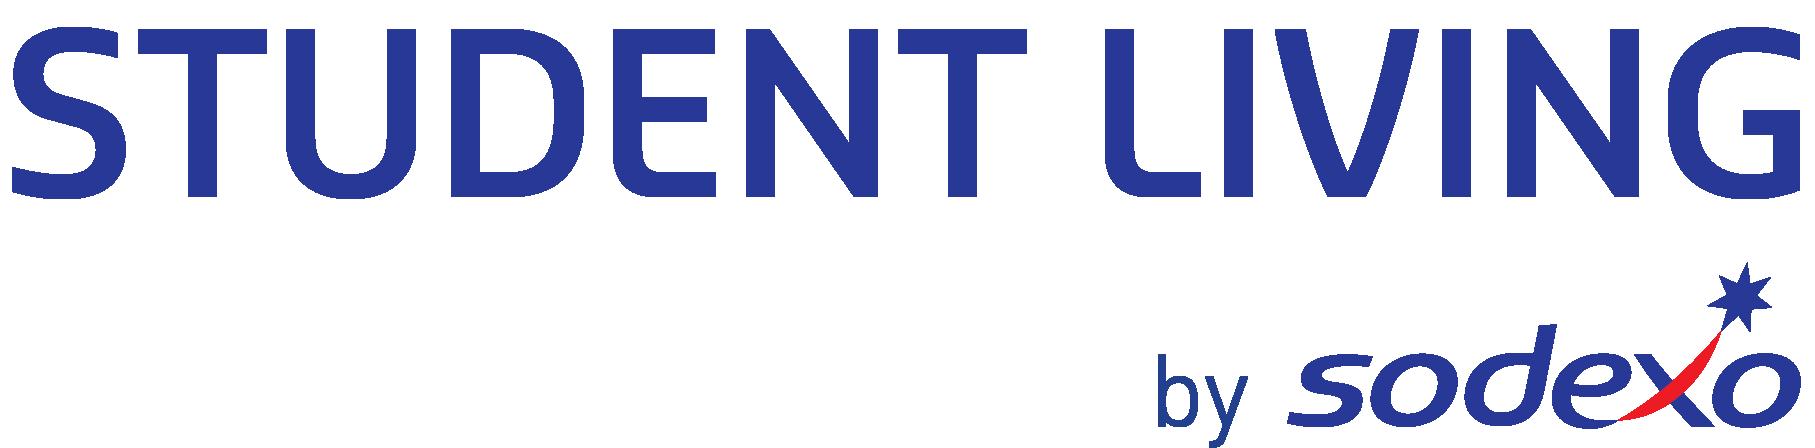 StudentLiving_C.png